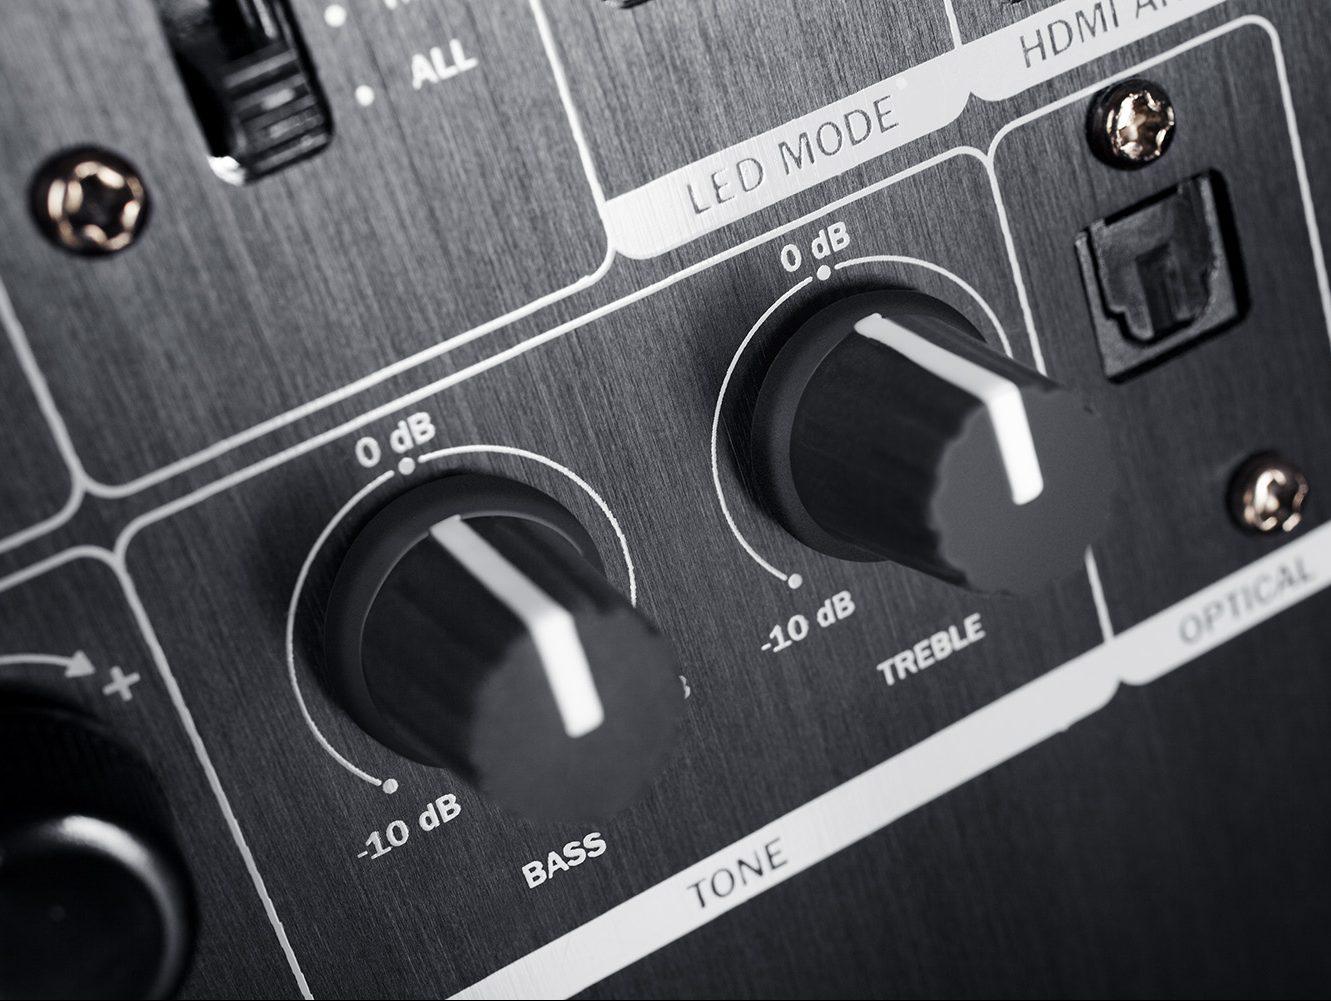 Molette pour Bass et Treble au dos de l'Ultima 40 Aktiv